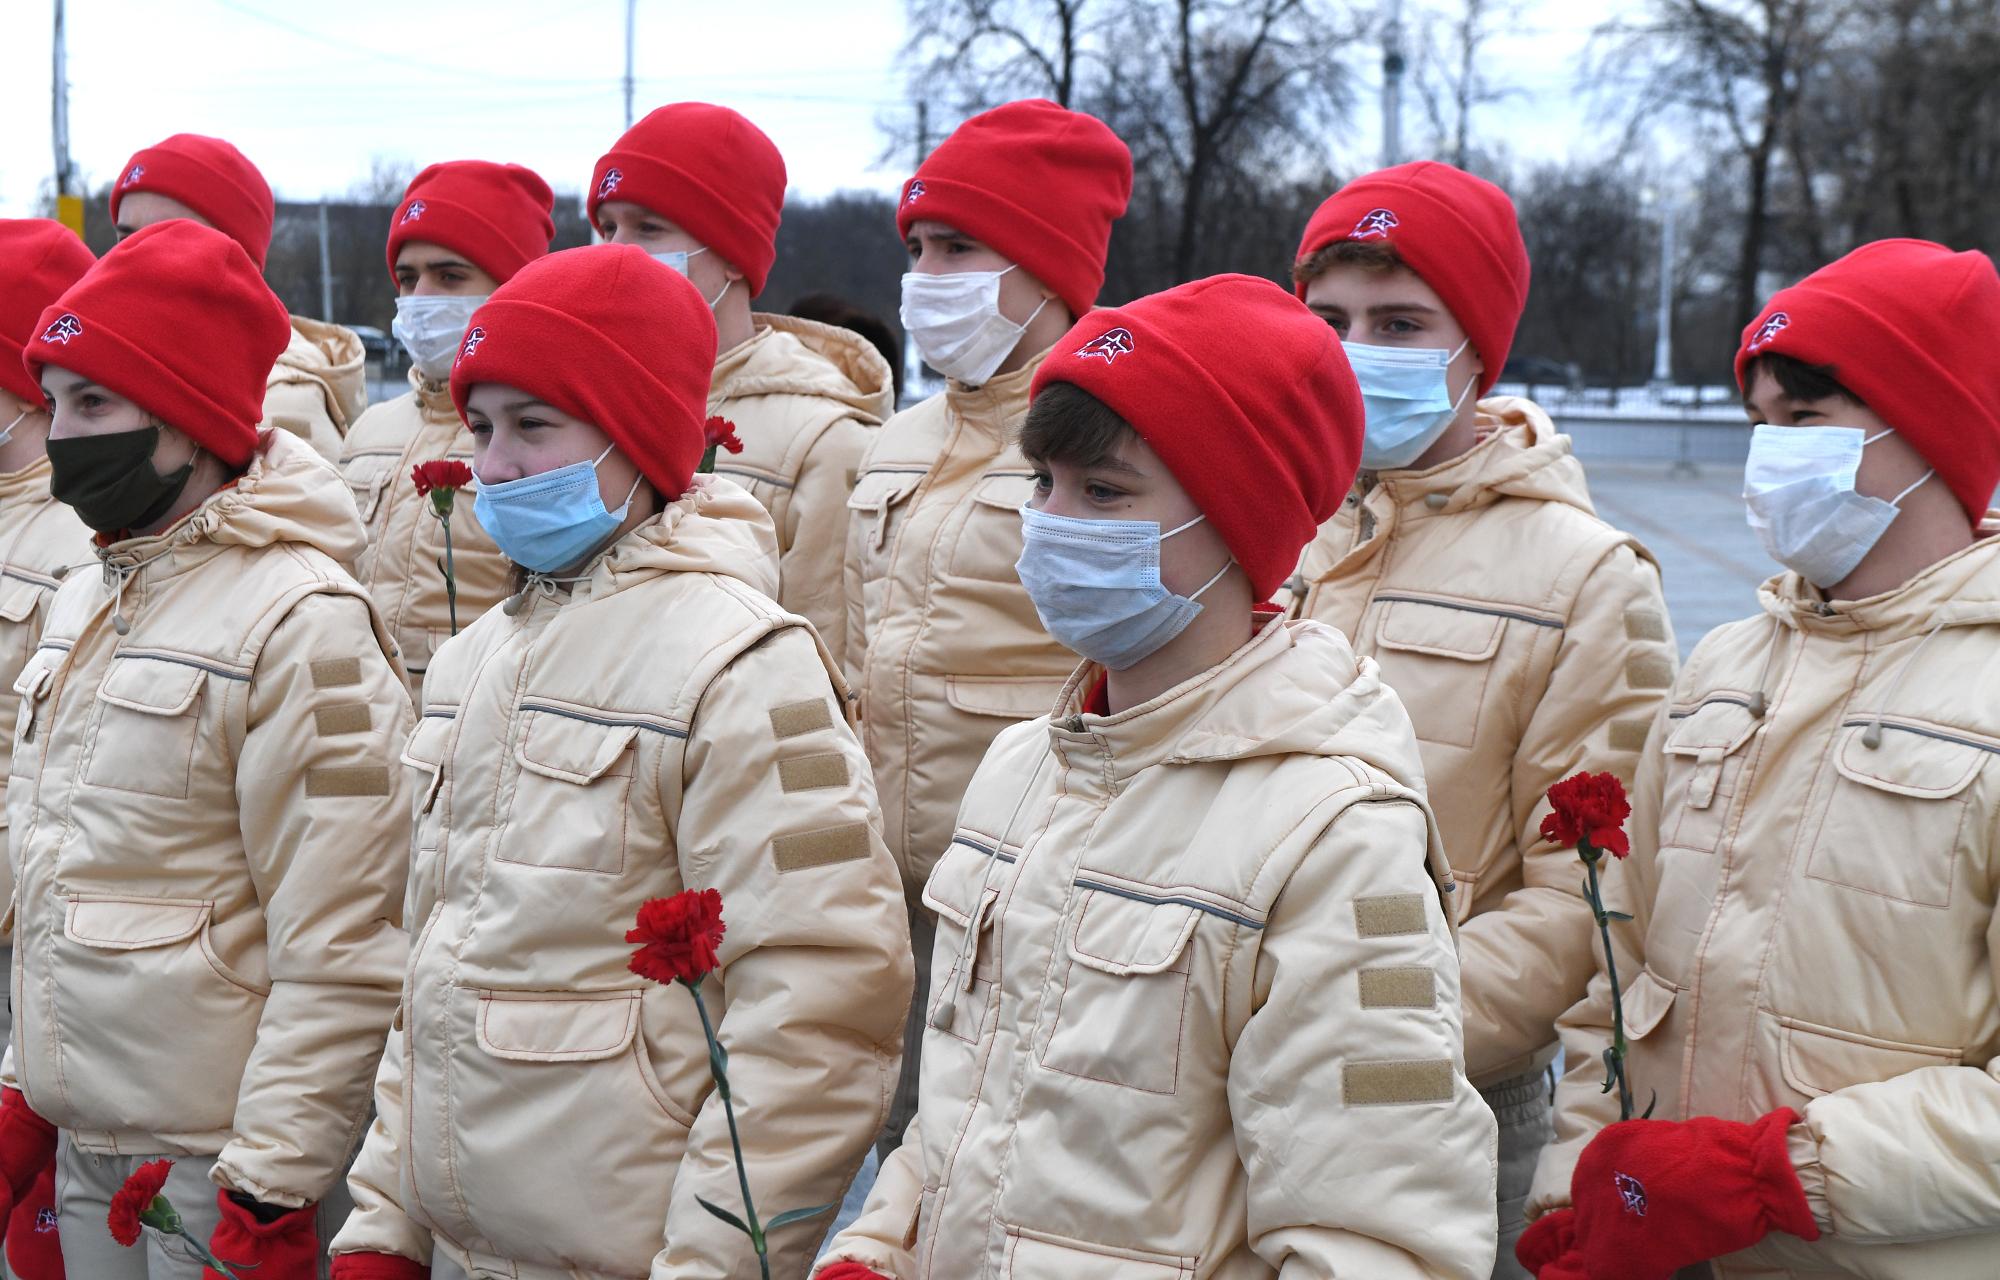 Игорь Руденя возложил цветы к Обелиску Победы в день 78-й годовщины разгрома фашистов под Сталинградом